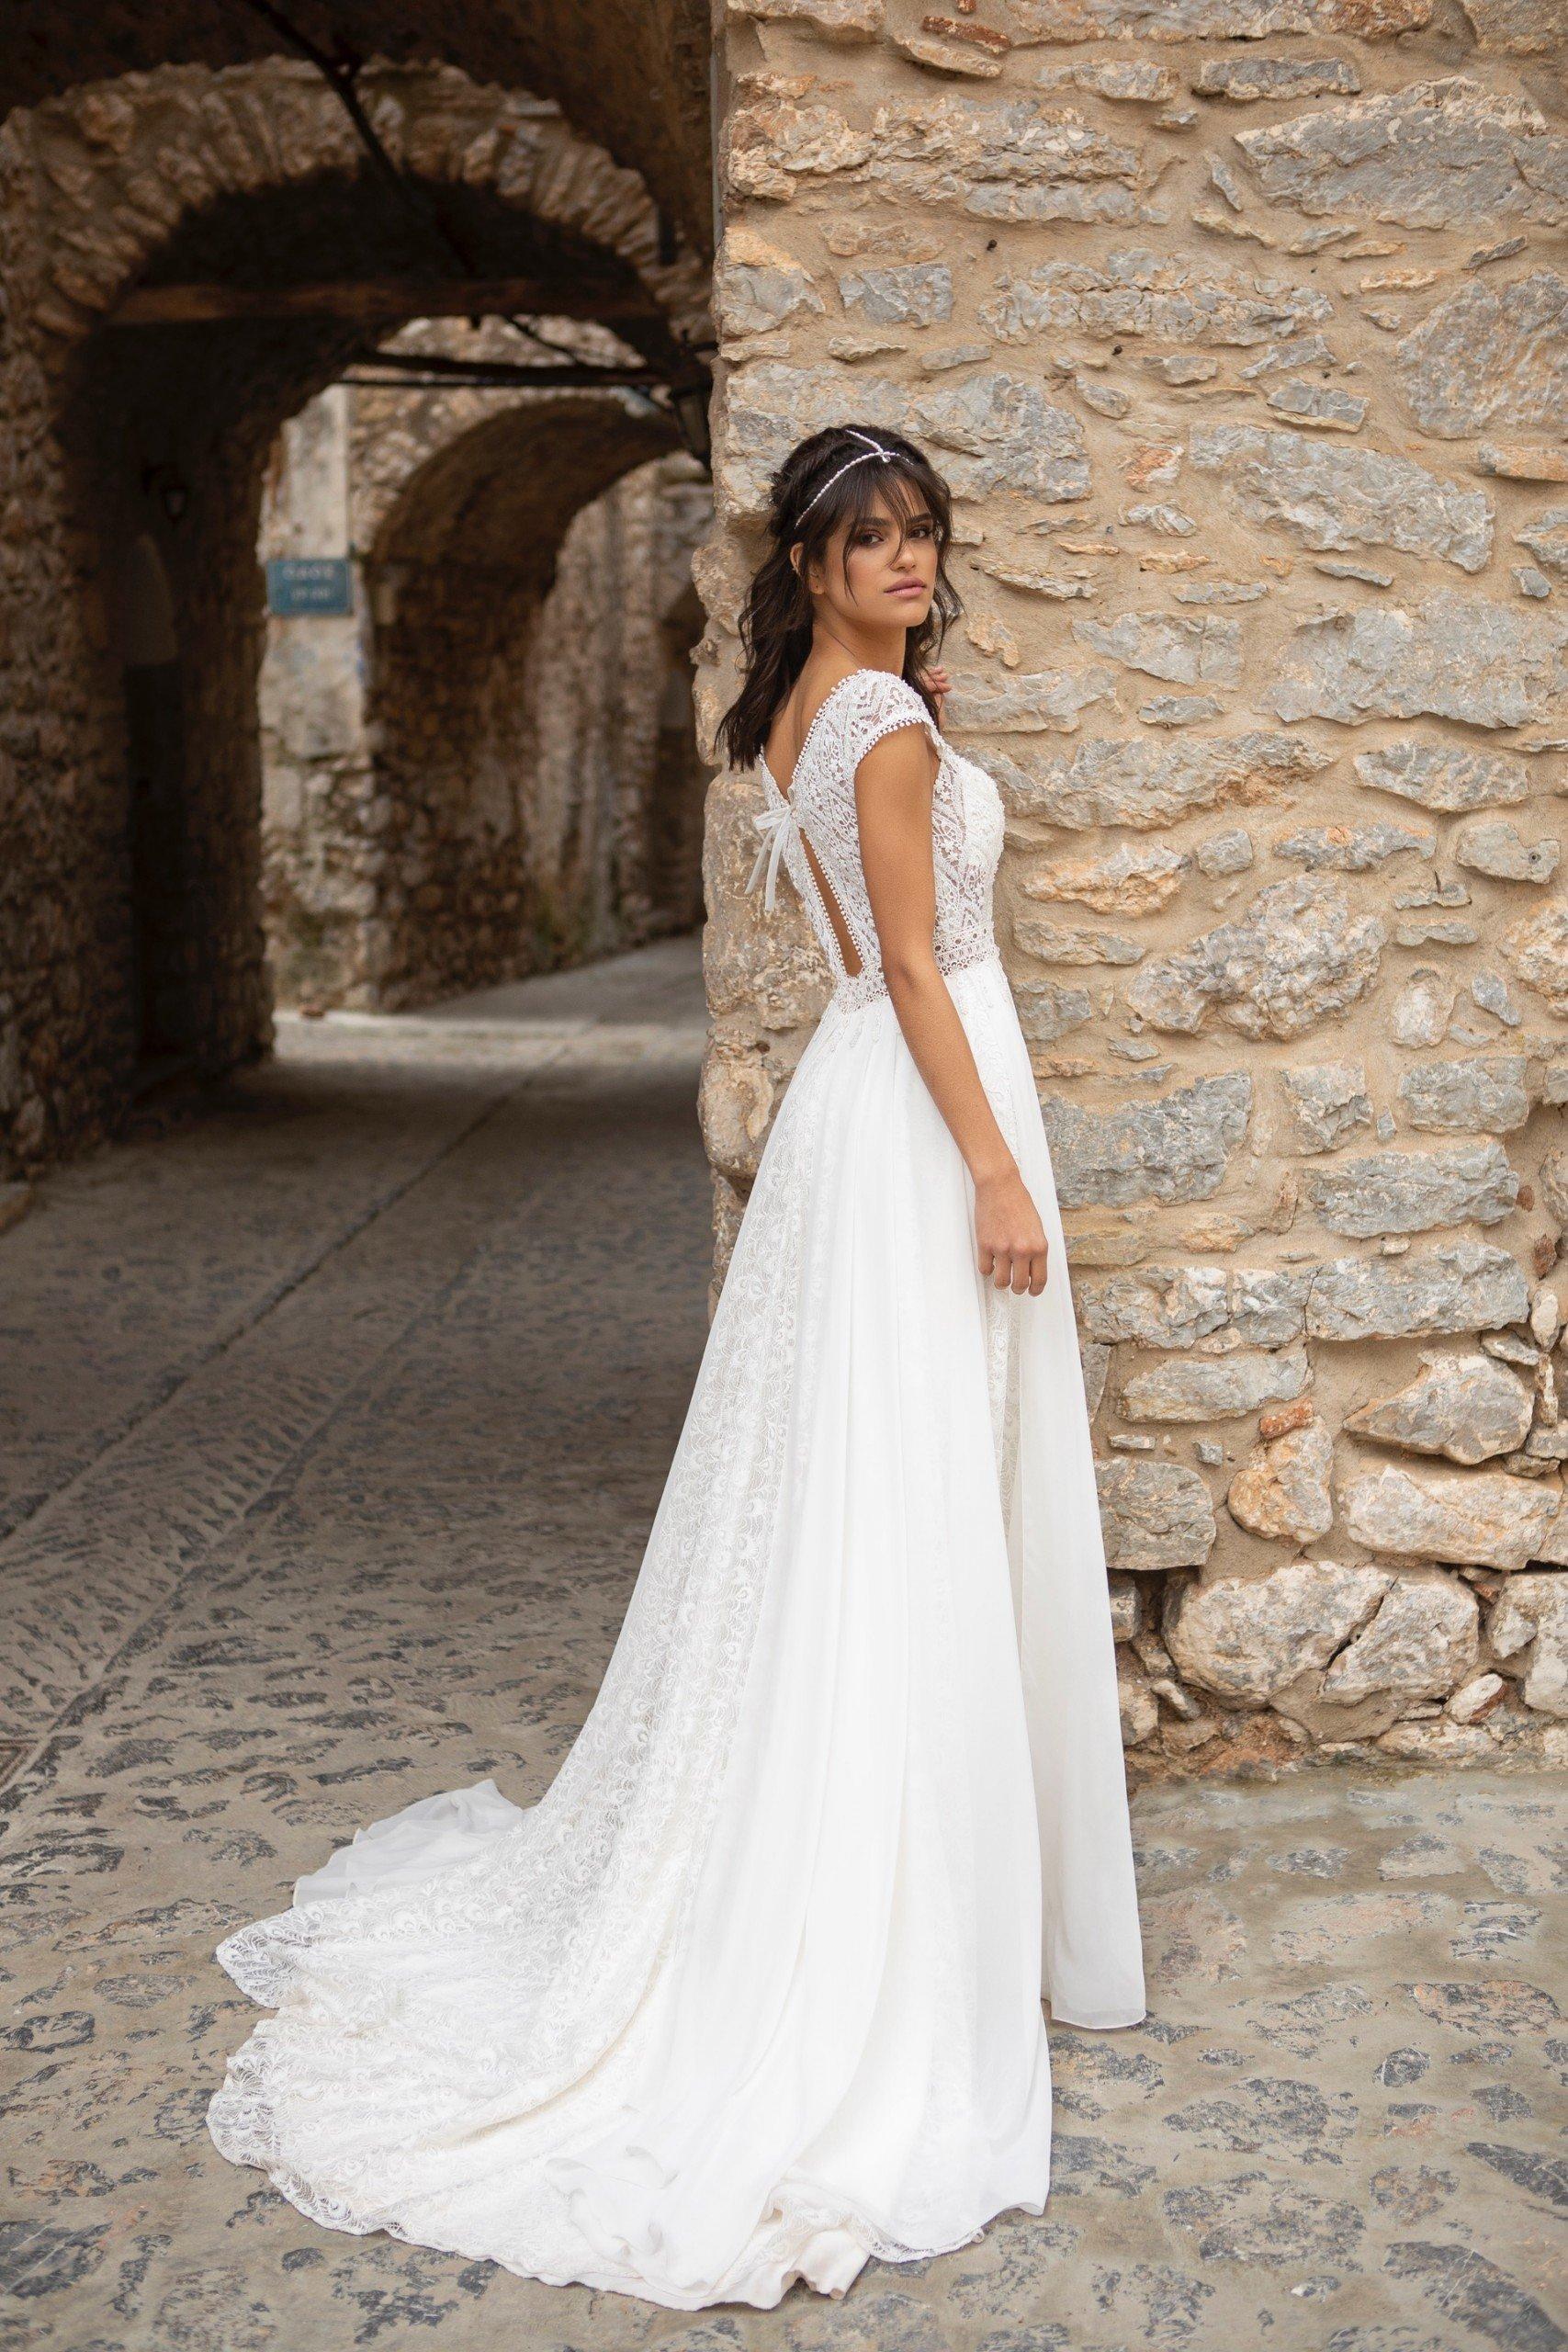 Hochzeitskleid in A-Linie mit fließendem Chiffonrock, Spitzentop und Cap-Ärmeln von Emine Yildirim, Modell 2002